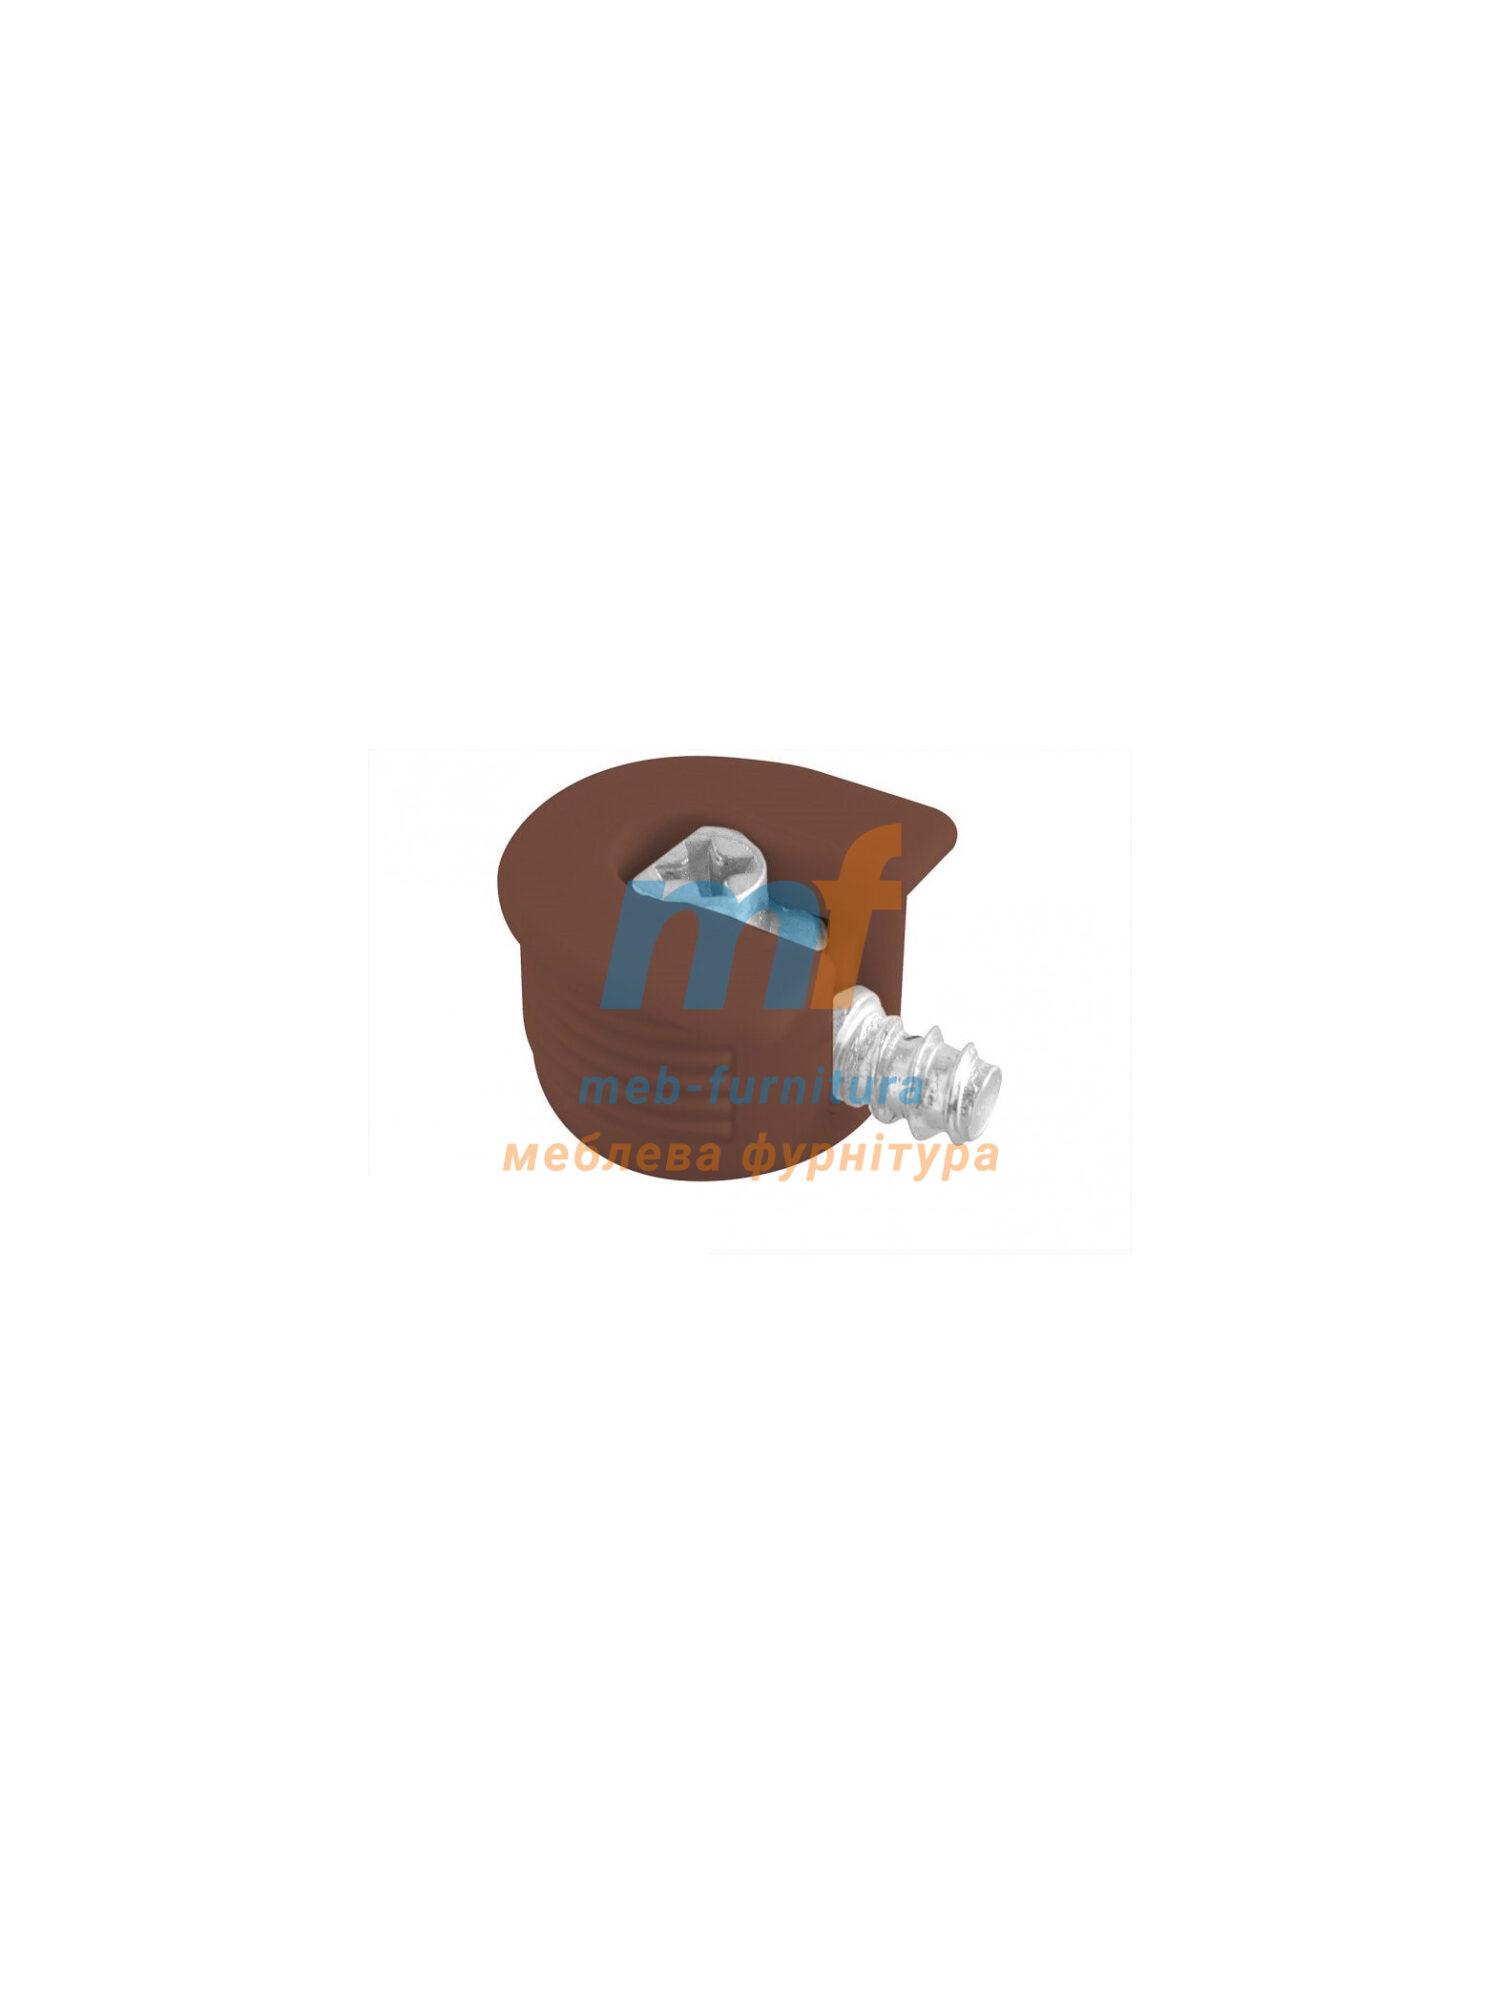 Рафикс корпус стяжки коричневый + винт